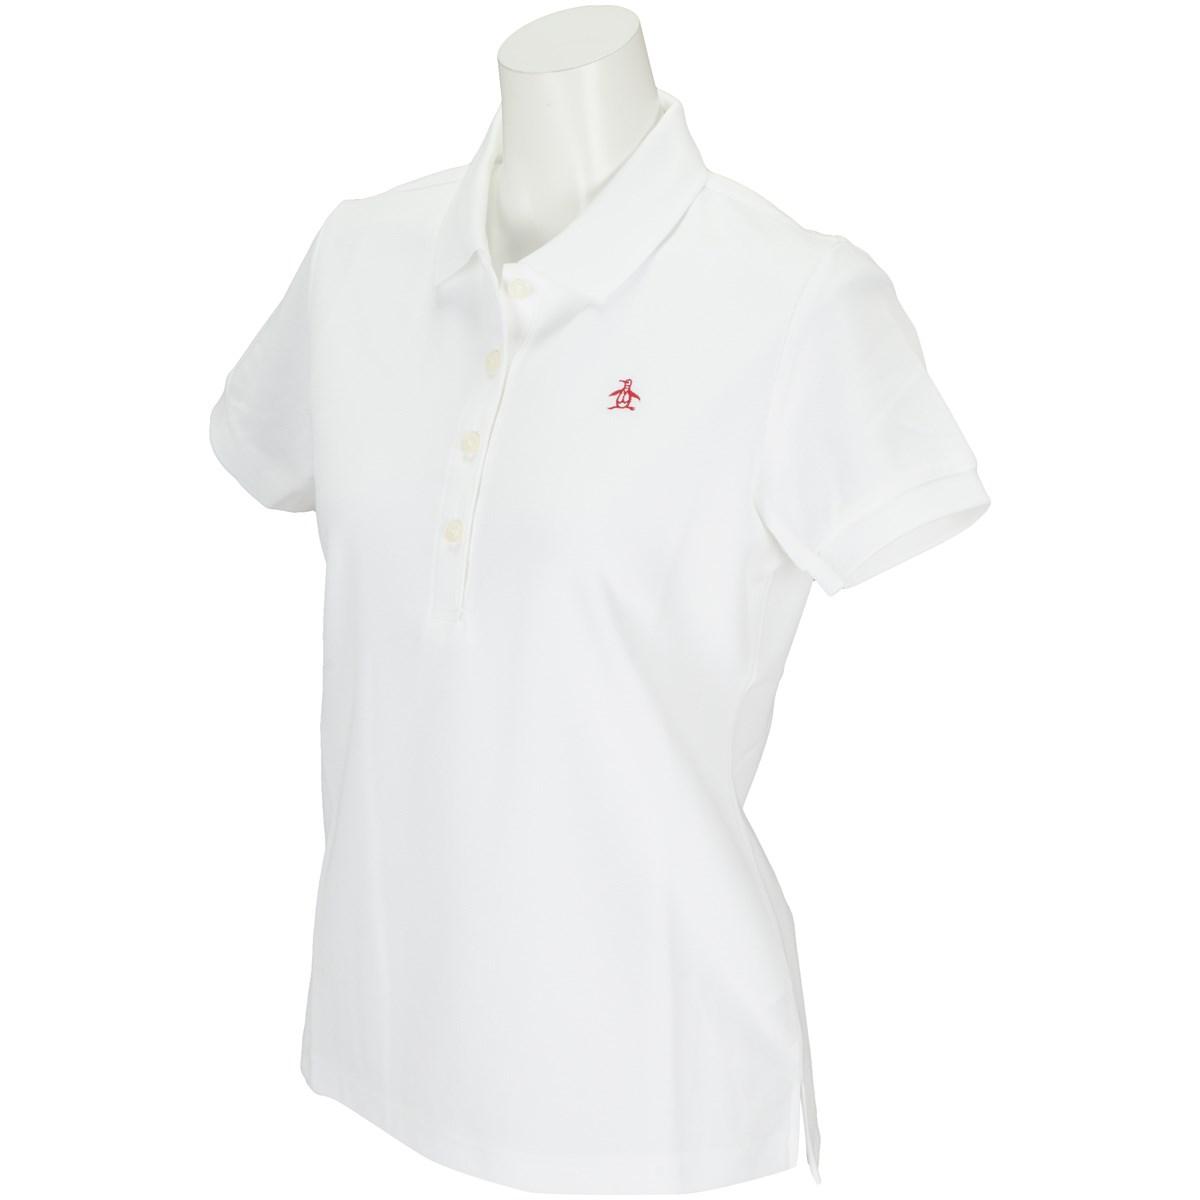 マンシングウェア Munsingwear 半袖ポロシャツ S ホワイト N950 レディス